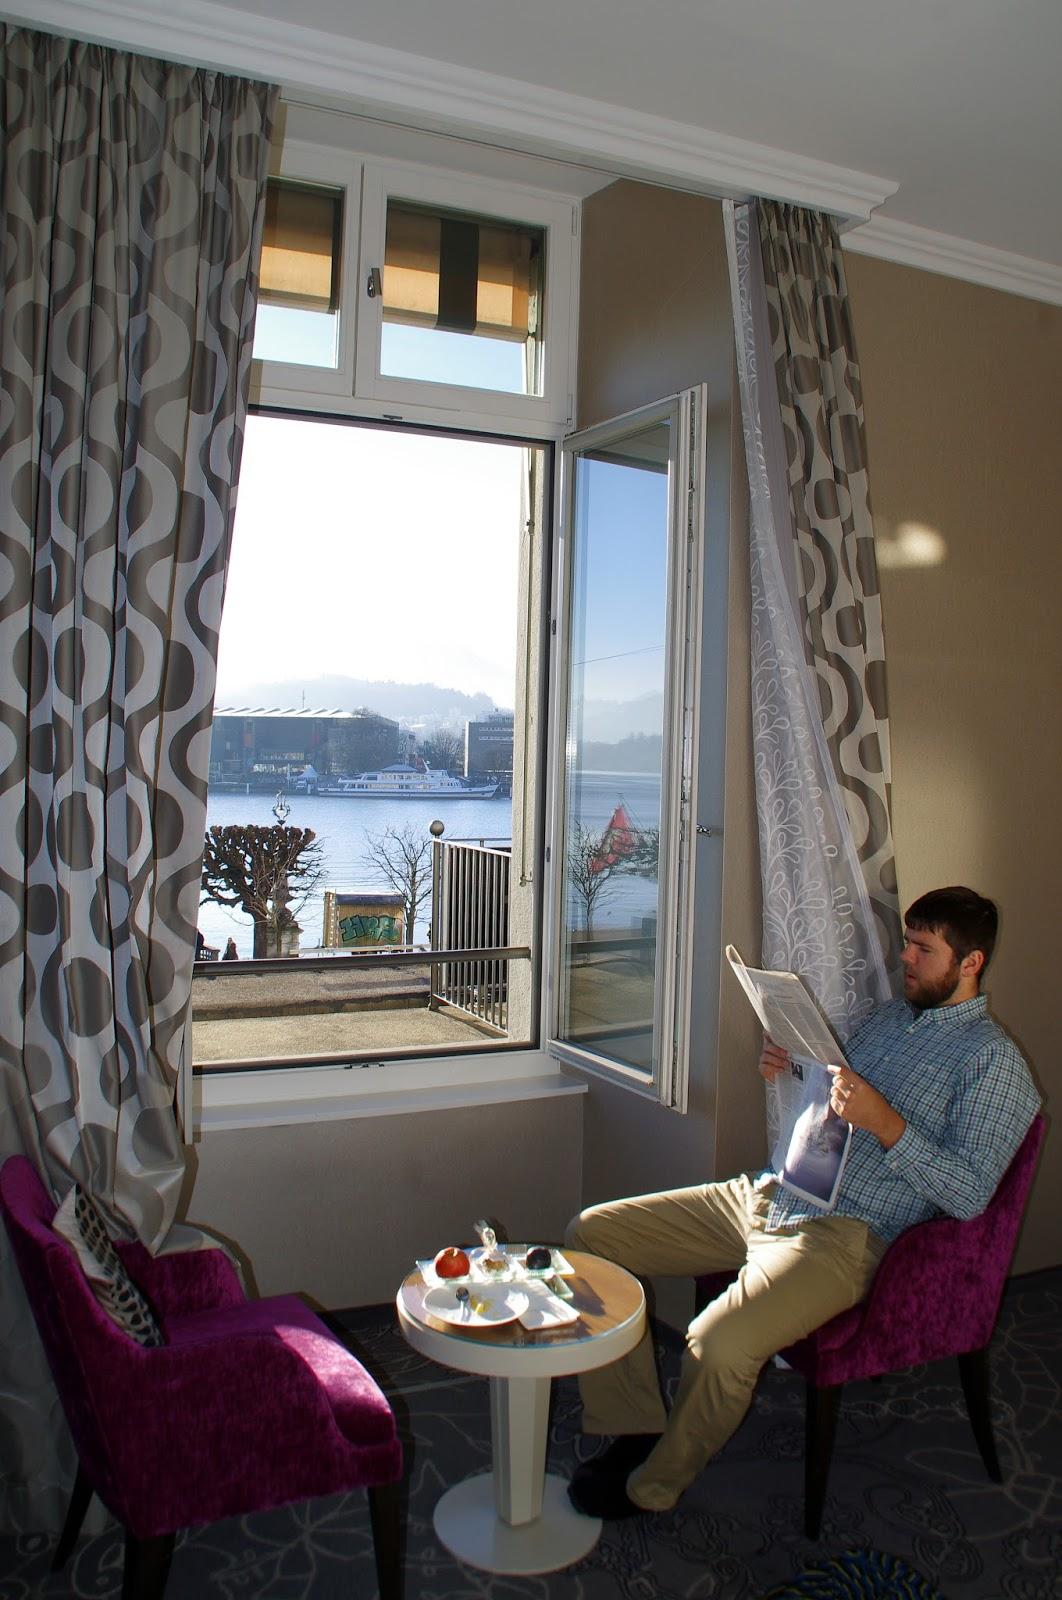 Hotel Schweizerhof Luzern Room View